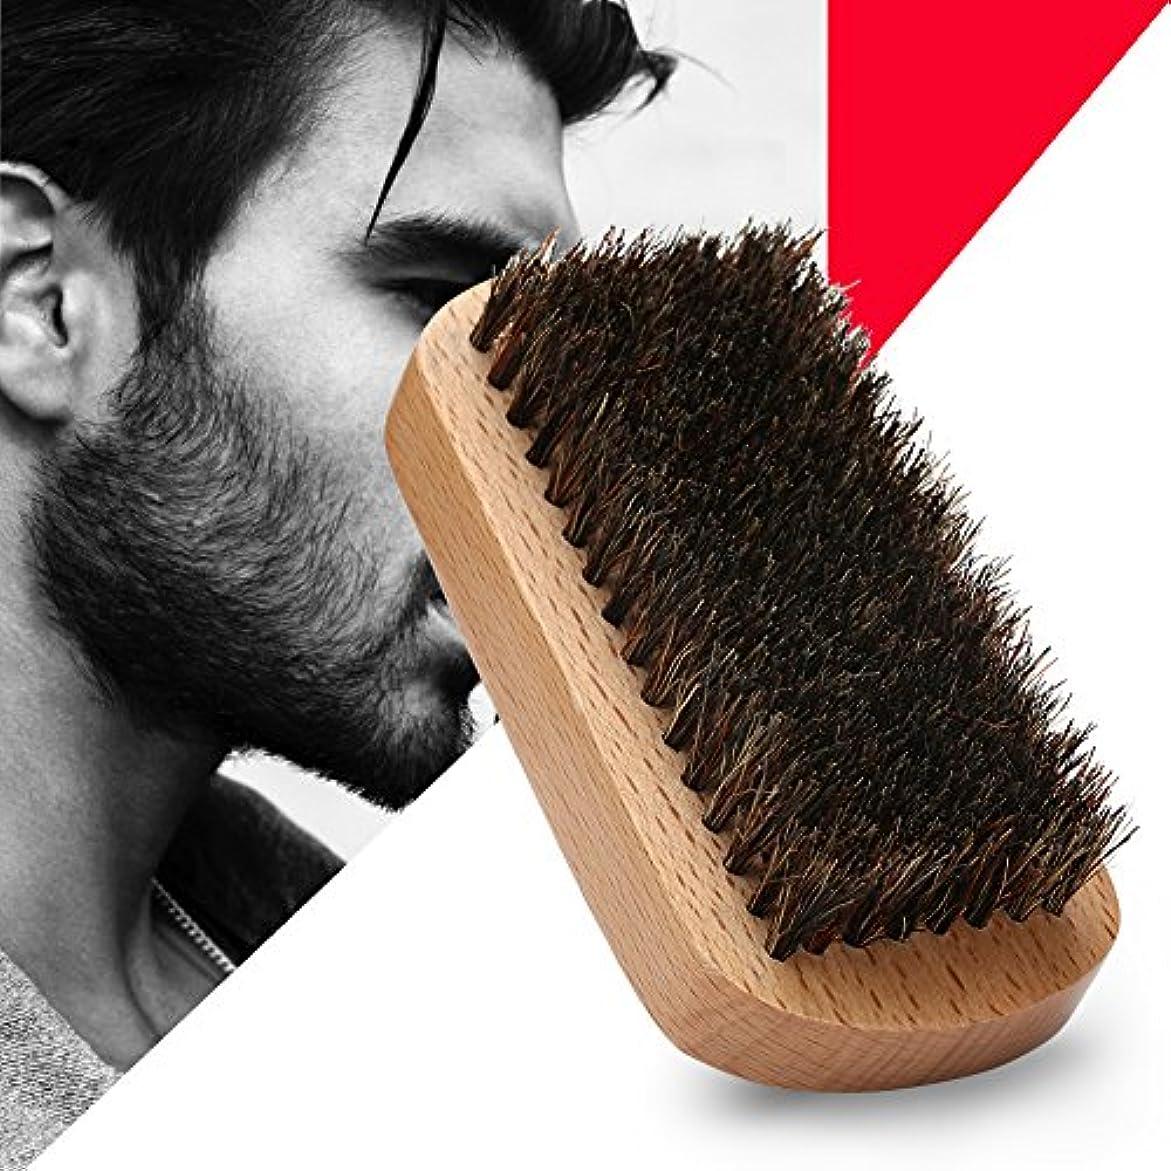 シーボードモロニック者シェービングブラシ メンズ ウッド 豚剛毛 クリーニング 髭剃り 泡立ち 洗顔ブラシ メンズ ブラック 長方形